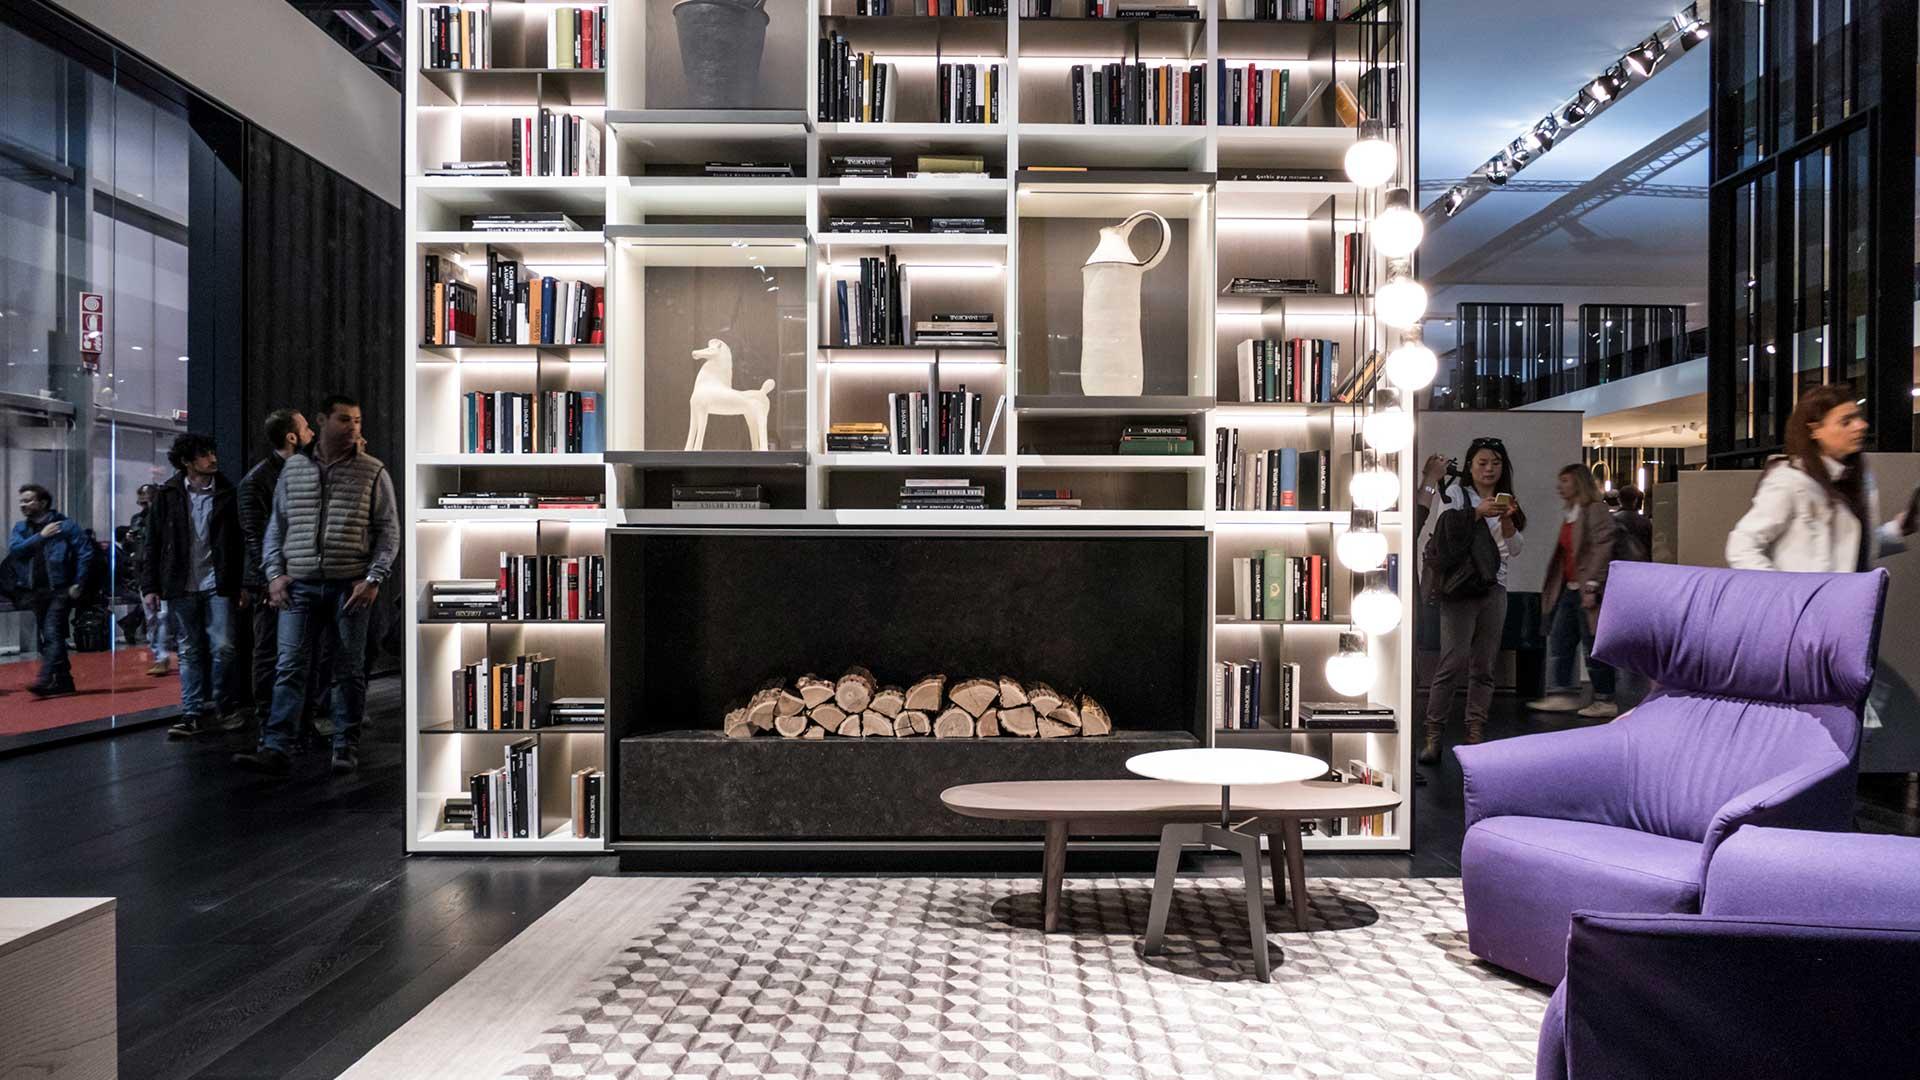 Design e arredamento tutti i modi dell 39 abitare al salone for Orari salone del mobile 2016